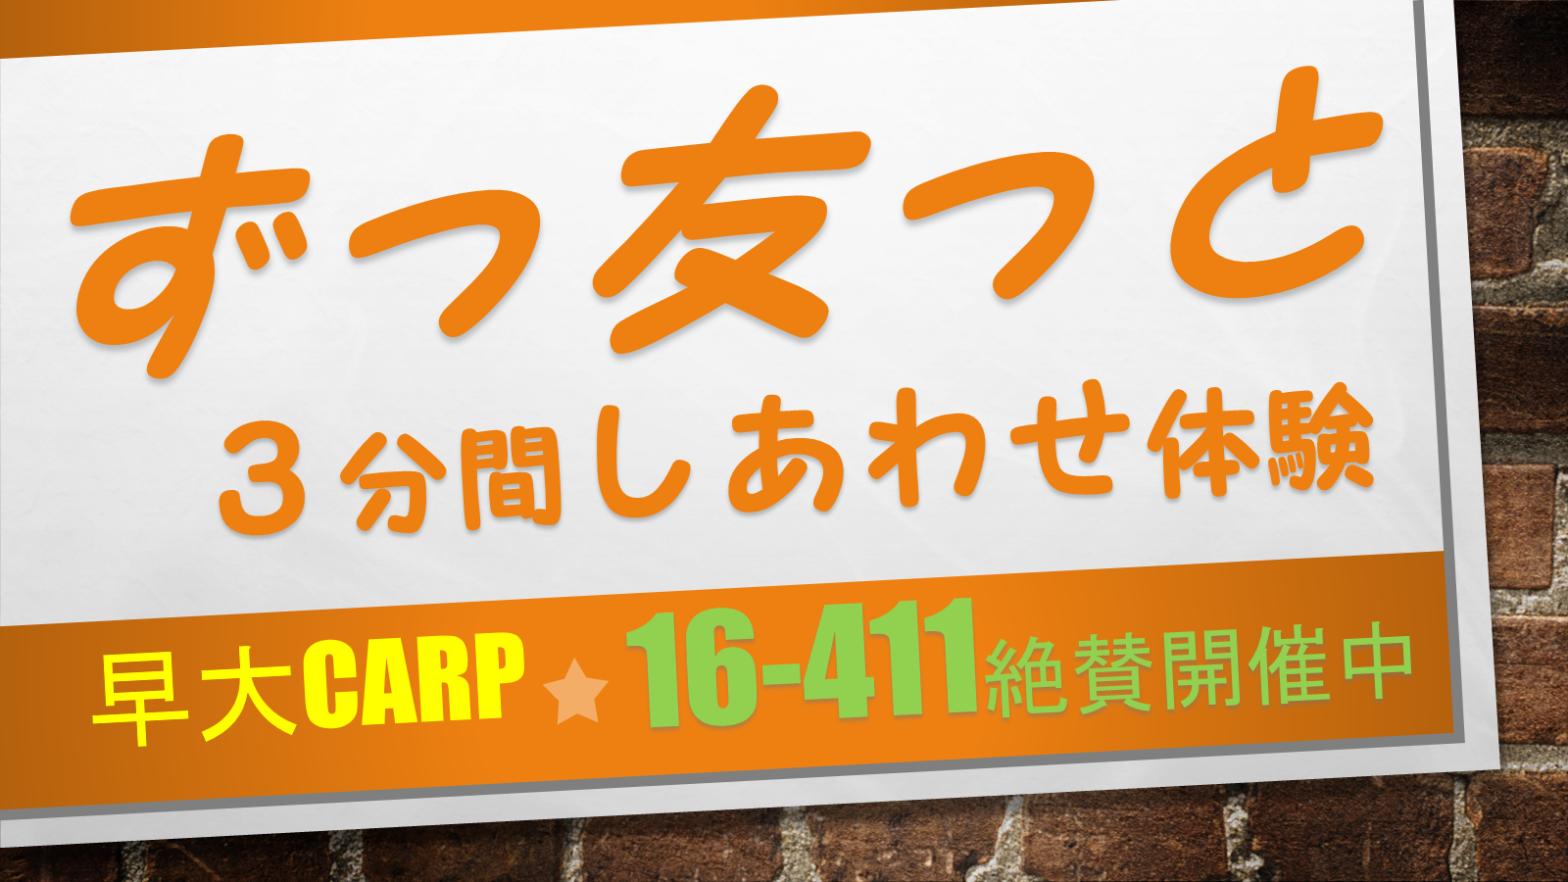 【早稲田CARP】学祭出店!会長も登場!?